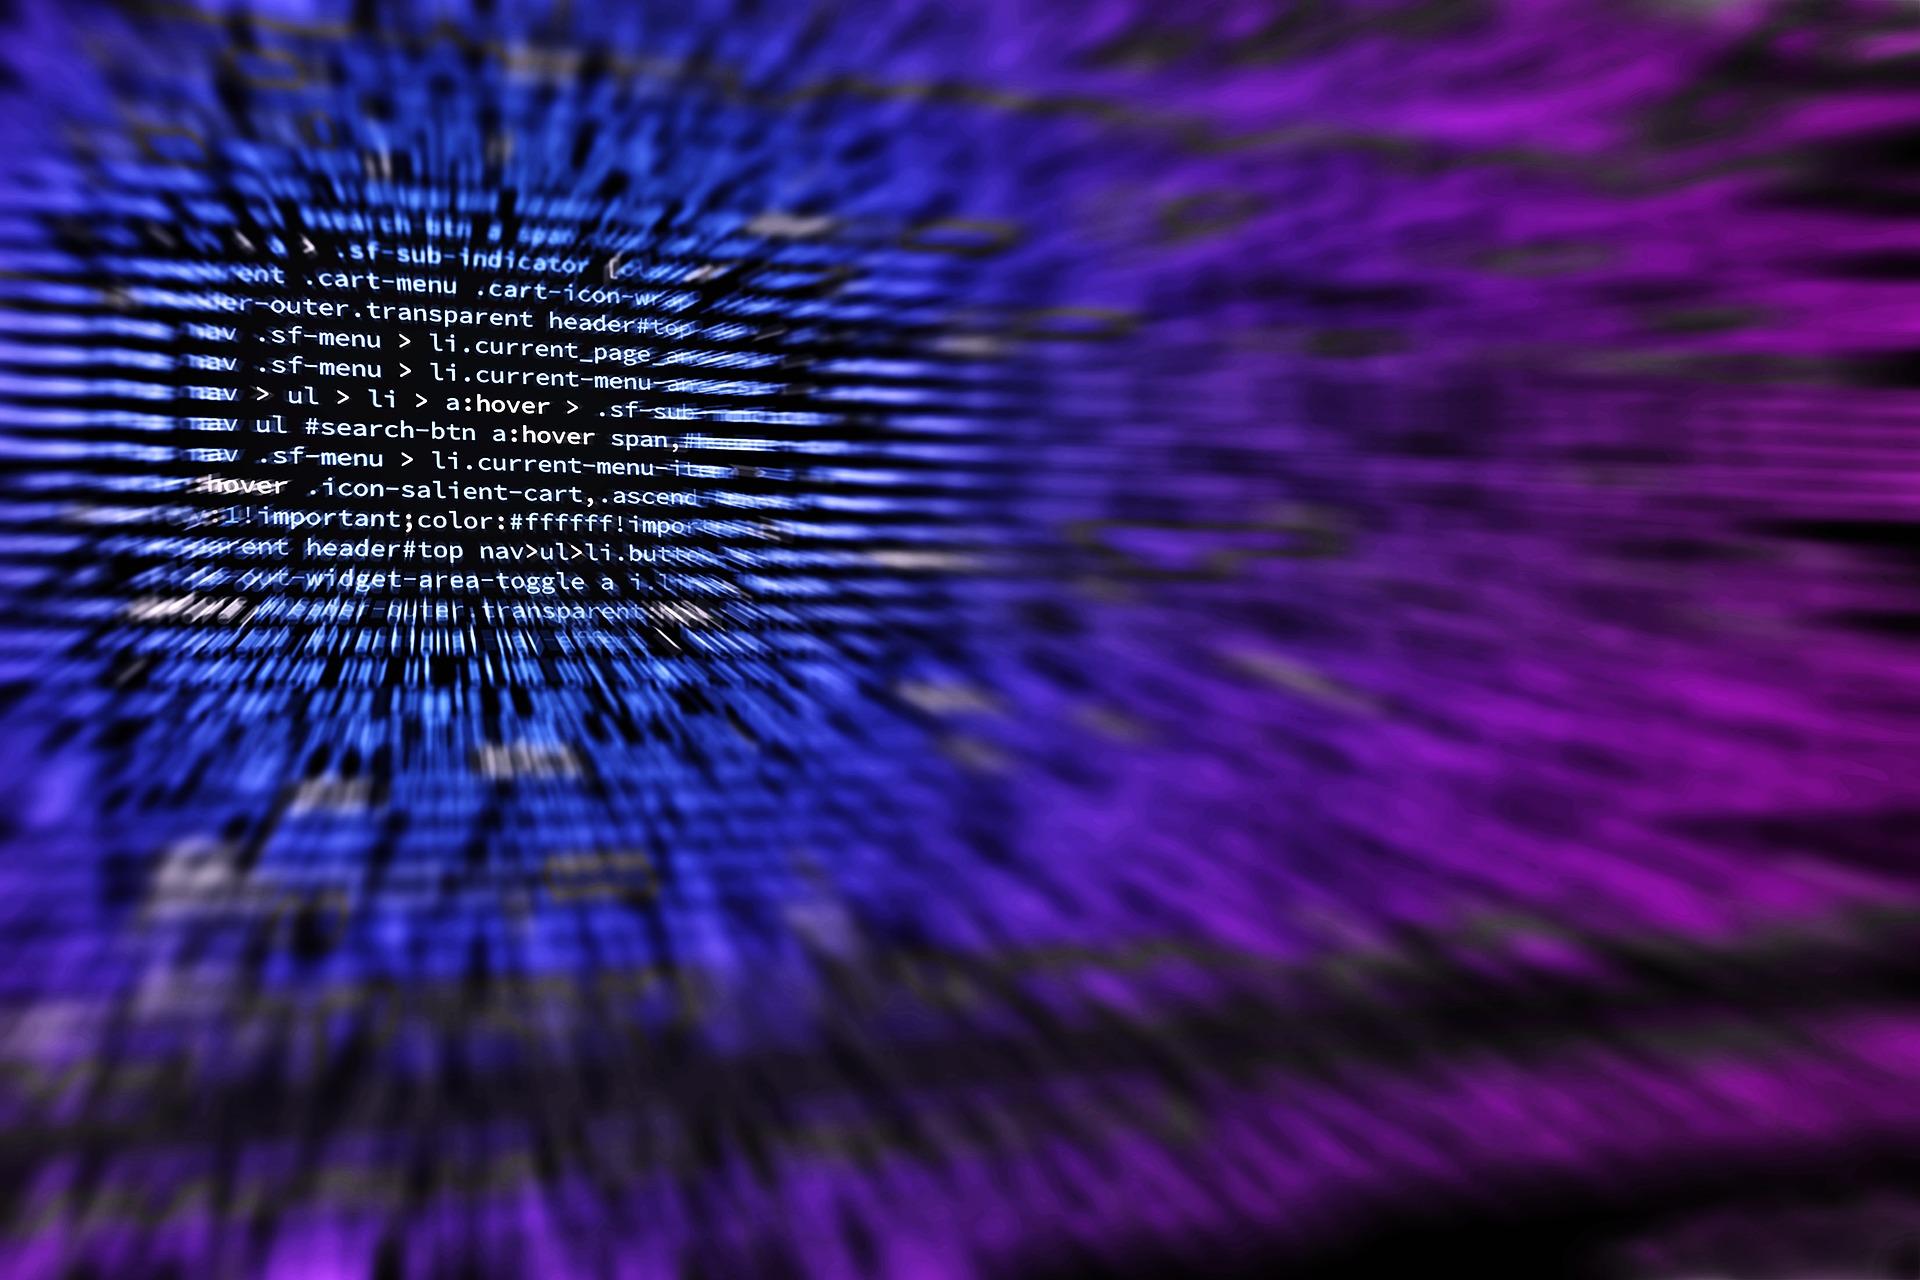 Parceiro de e-commerce vaza 1,75 bilhão de dados de clientes como Mercado Livre e Americanas (AMER3)